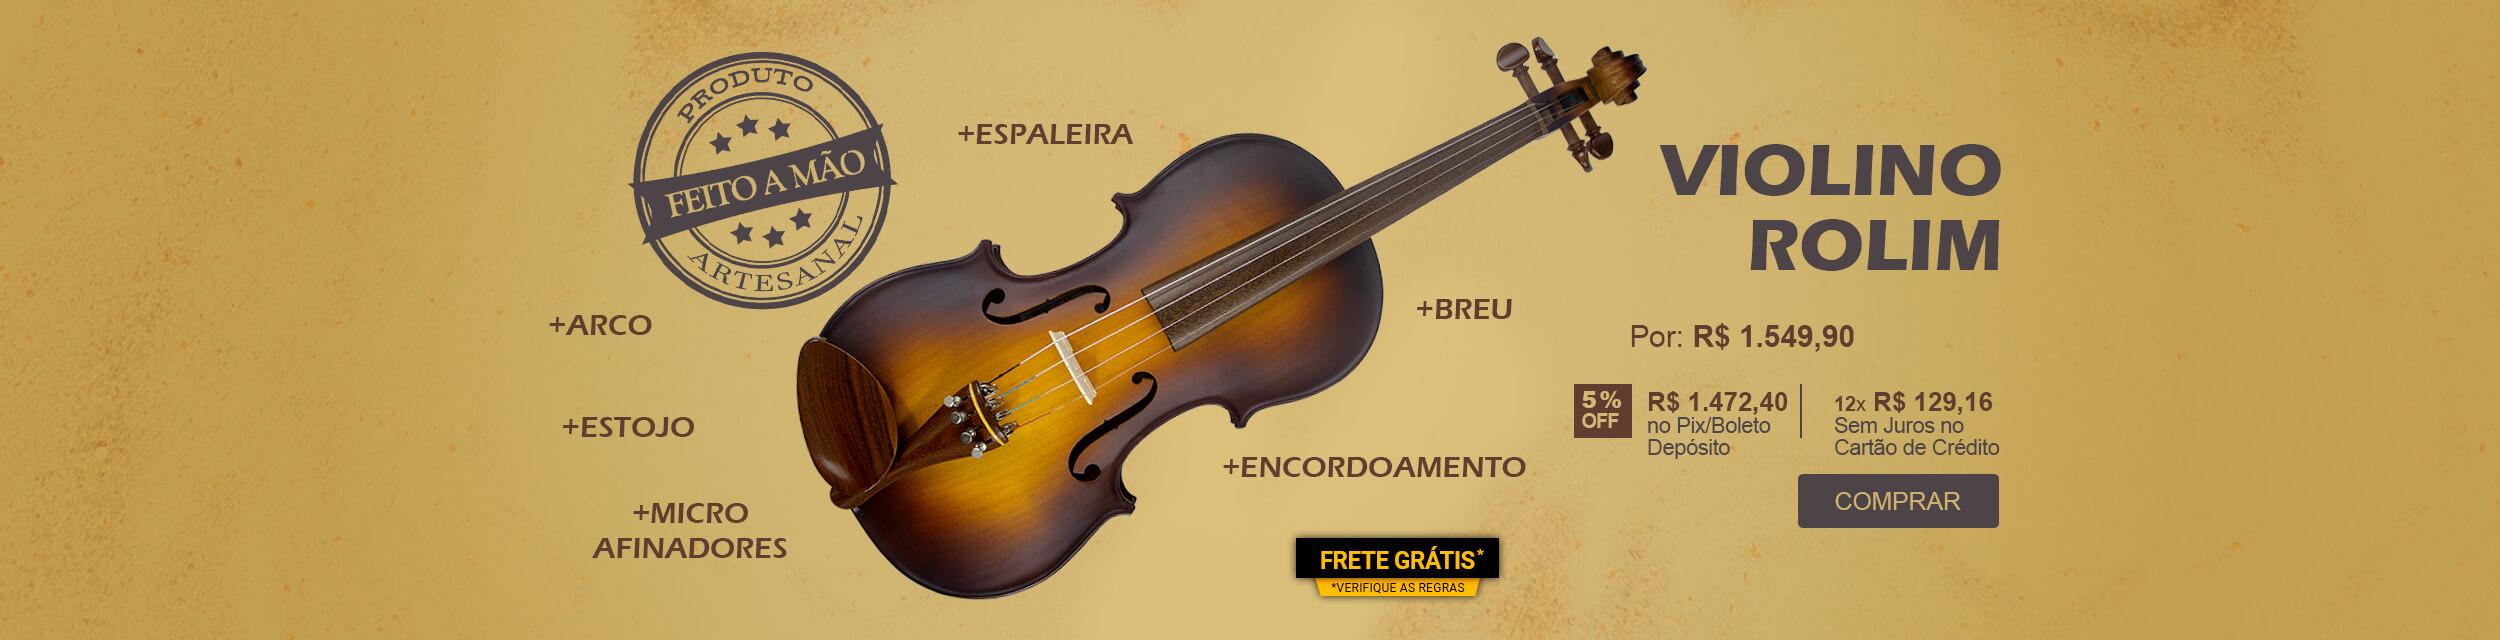 Violino 4/4 Special Sombreado Rolim